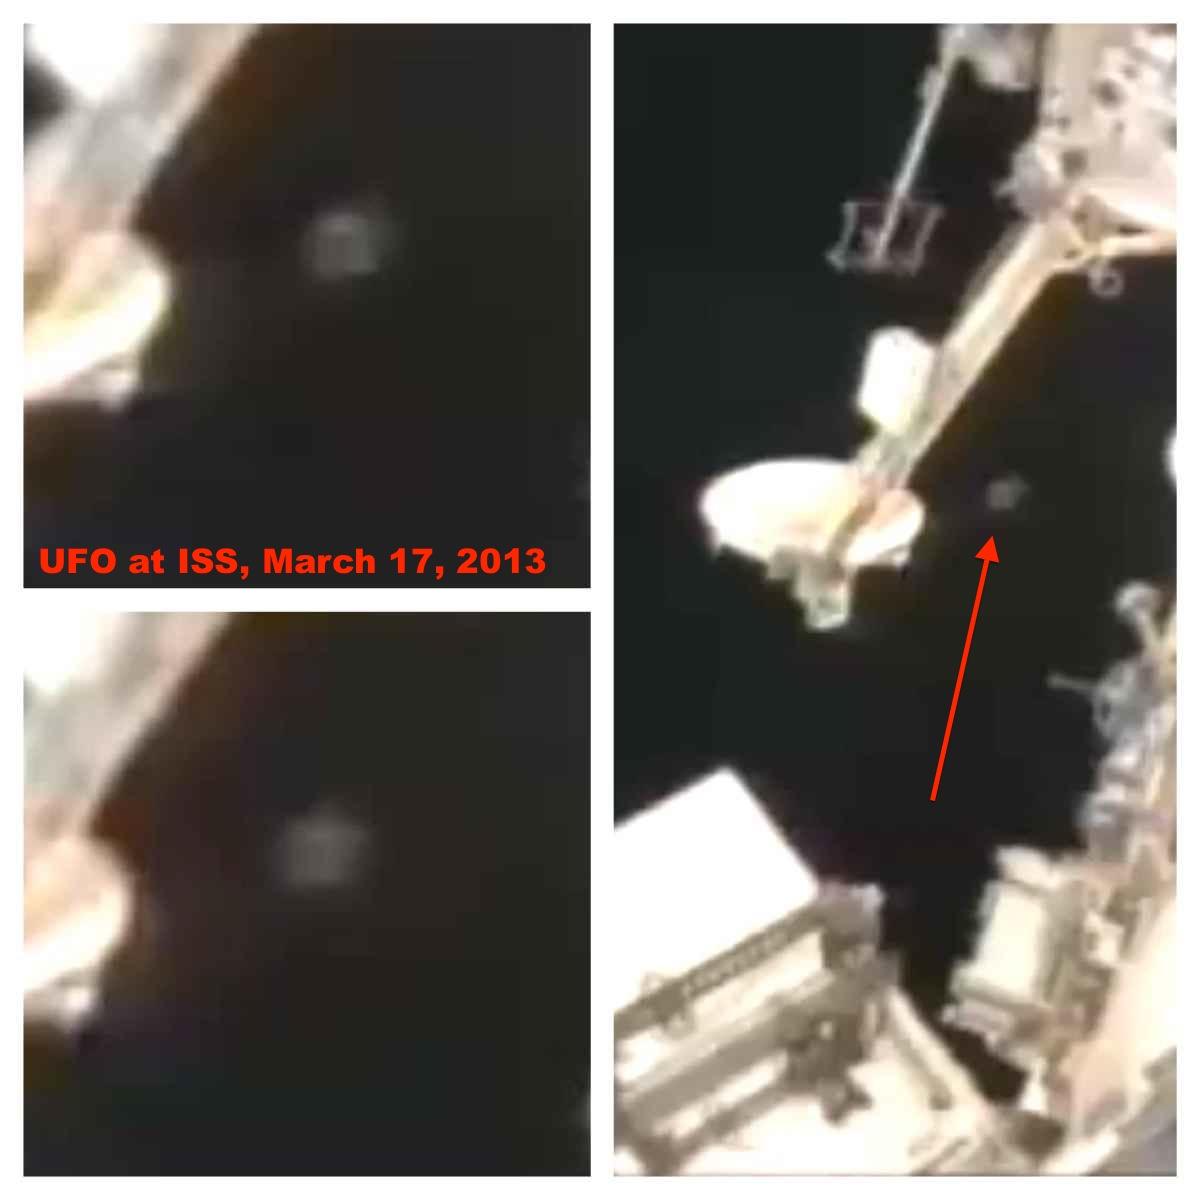 http://4.bp.blogspot.com/-aomxfg5be0w/UUfb1Q5KLPI/AAAAAAAAPQs/waPYIe8takQ/s1600/UFO,+UFOs,+sighting,+sightings,+space,+alien,+aliens,+ET,+ISS,+NASA,+station,+ESA,+orbit,+W56,+Selena+Gomez,+Jennifer+Aniston,+news,+world,+march,+2013,+sky.jpg